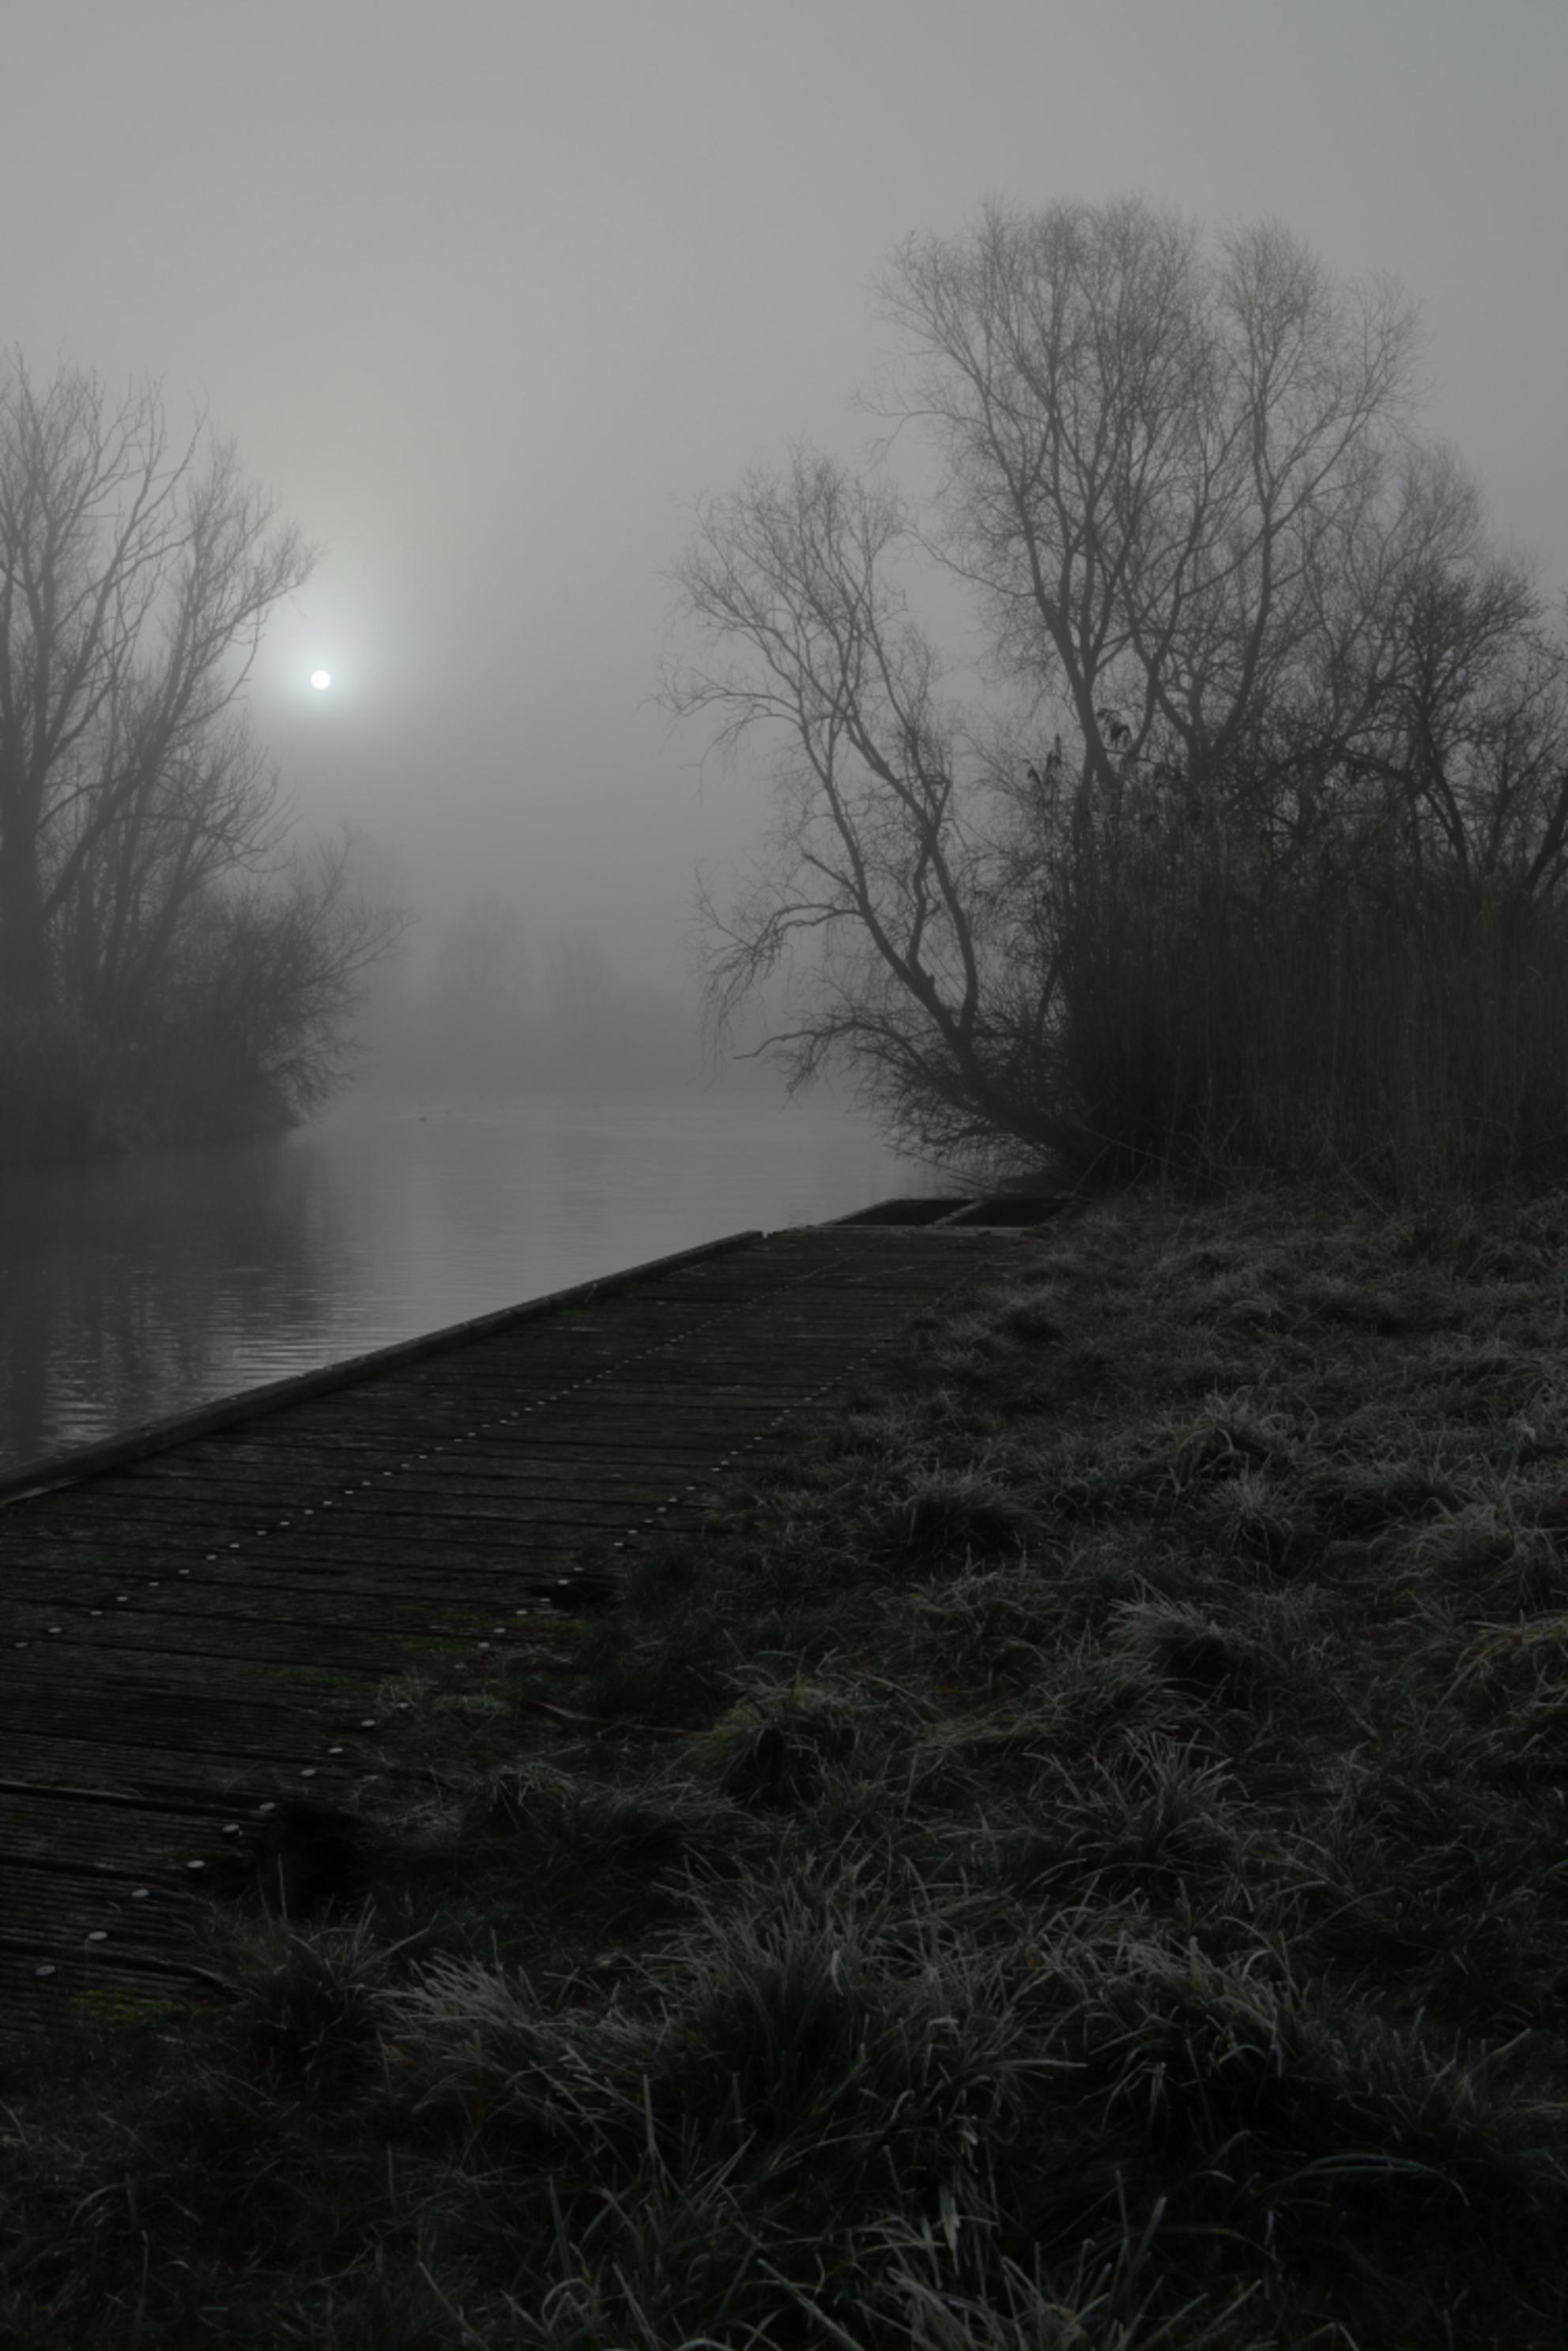 Misty sunrise - - - foto door alexvdp op 06-03-2021 - deze foto bevat: landschap, mist, bos, zonsopkomst, bomen - Deze foto mag gebruikt worden in een Zoom.nl publicatie